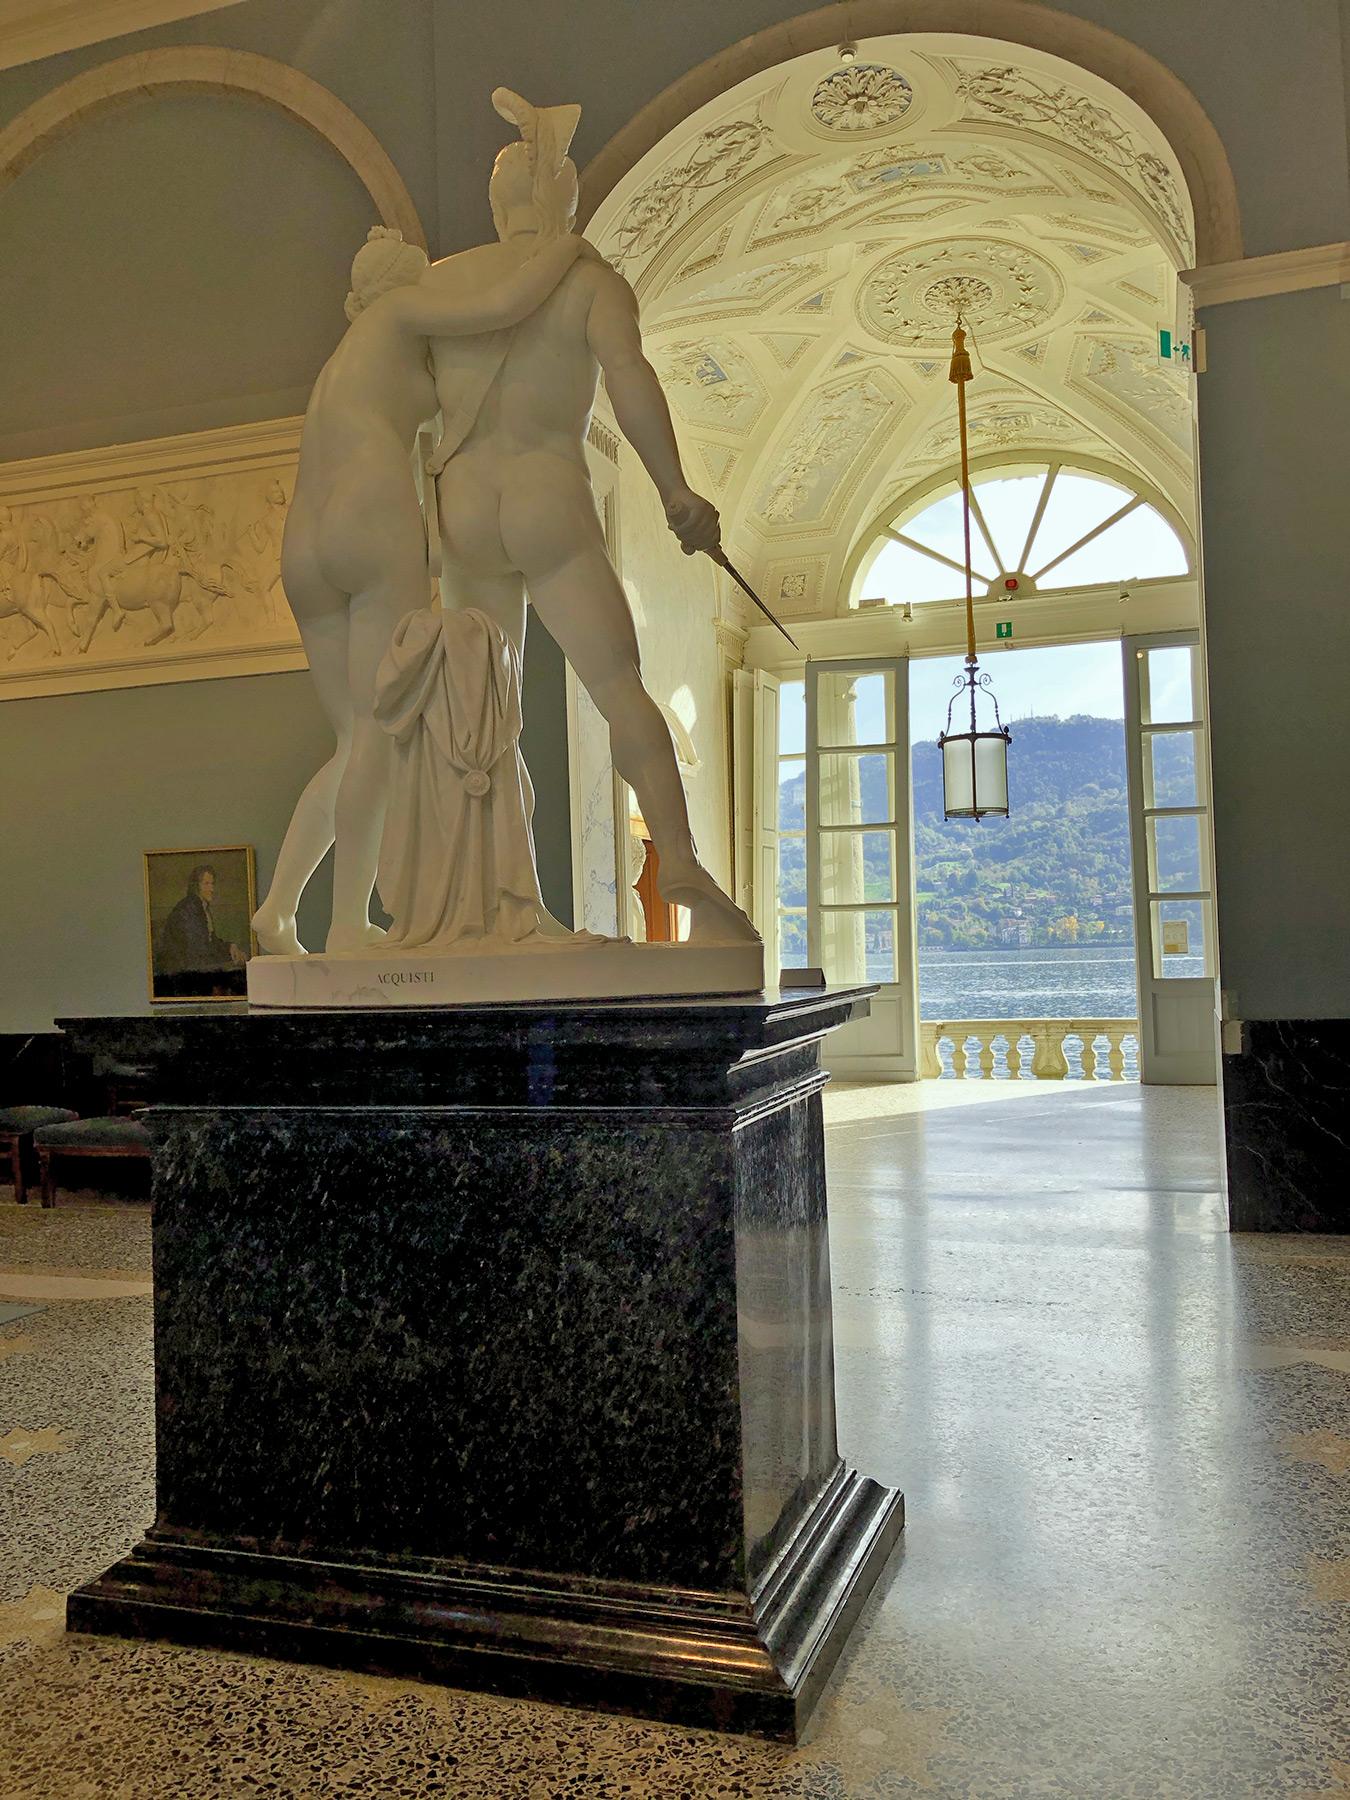 Venus and Mars by Luigi Acquisti, Villa Carlotta, Tremezzina, Italy